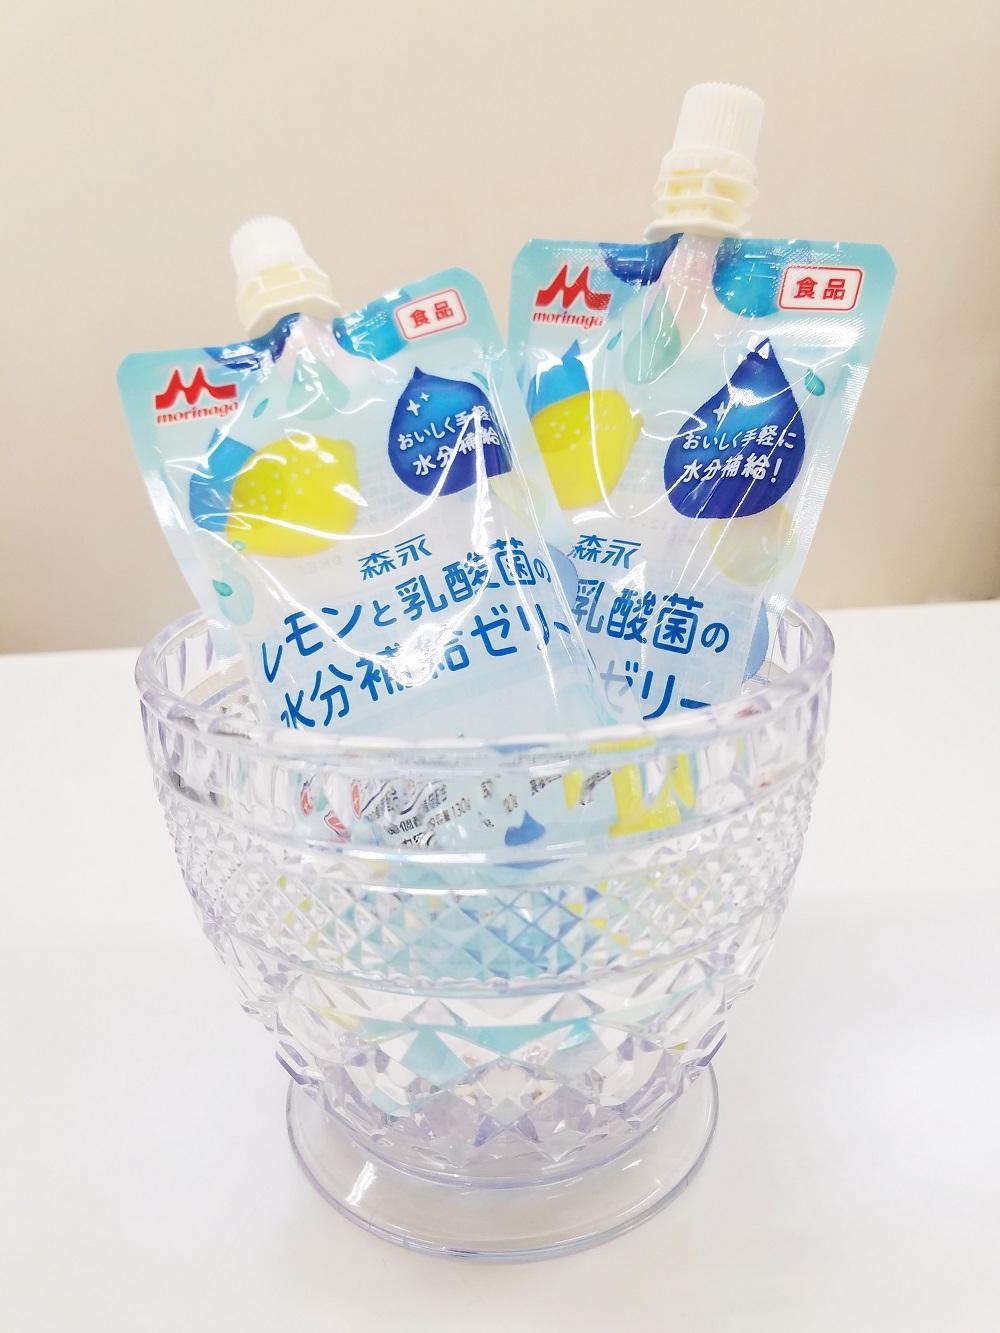 レモンと乳酸菌の水分補給ゼリー、森永乳業、脱水対策、熱中症対策